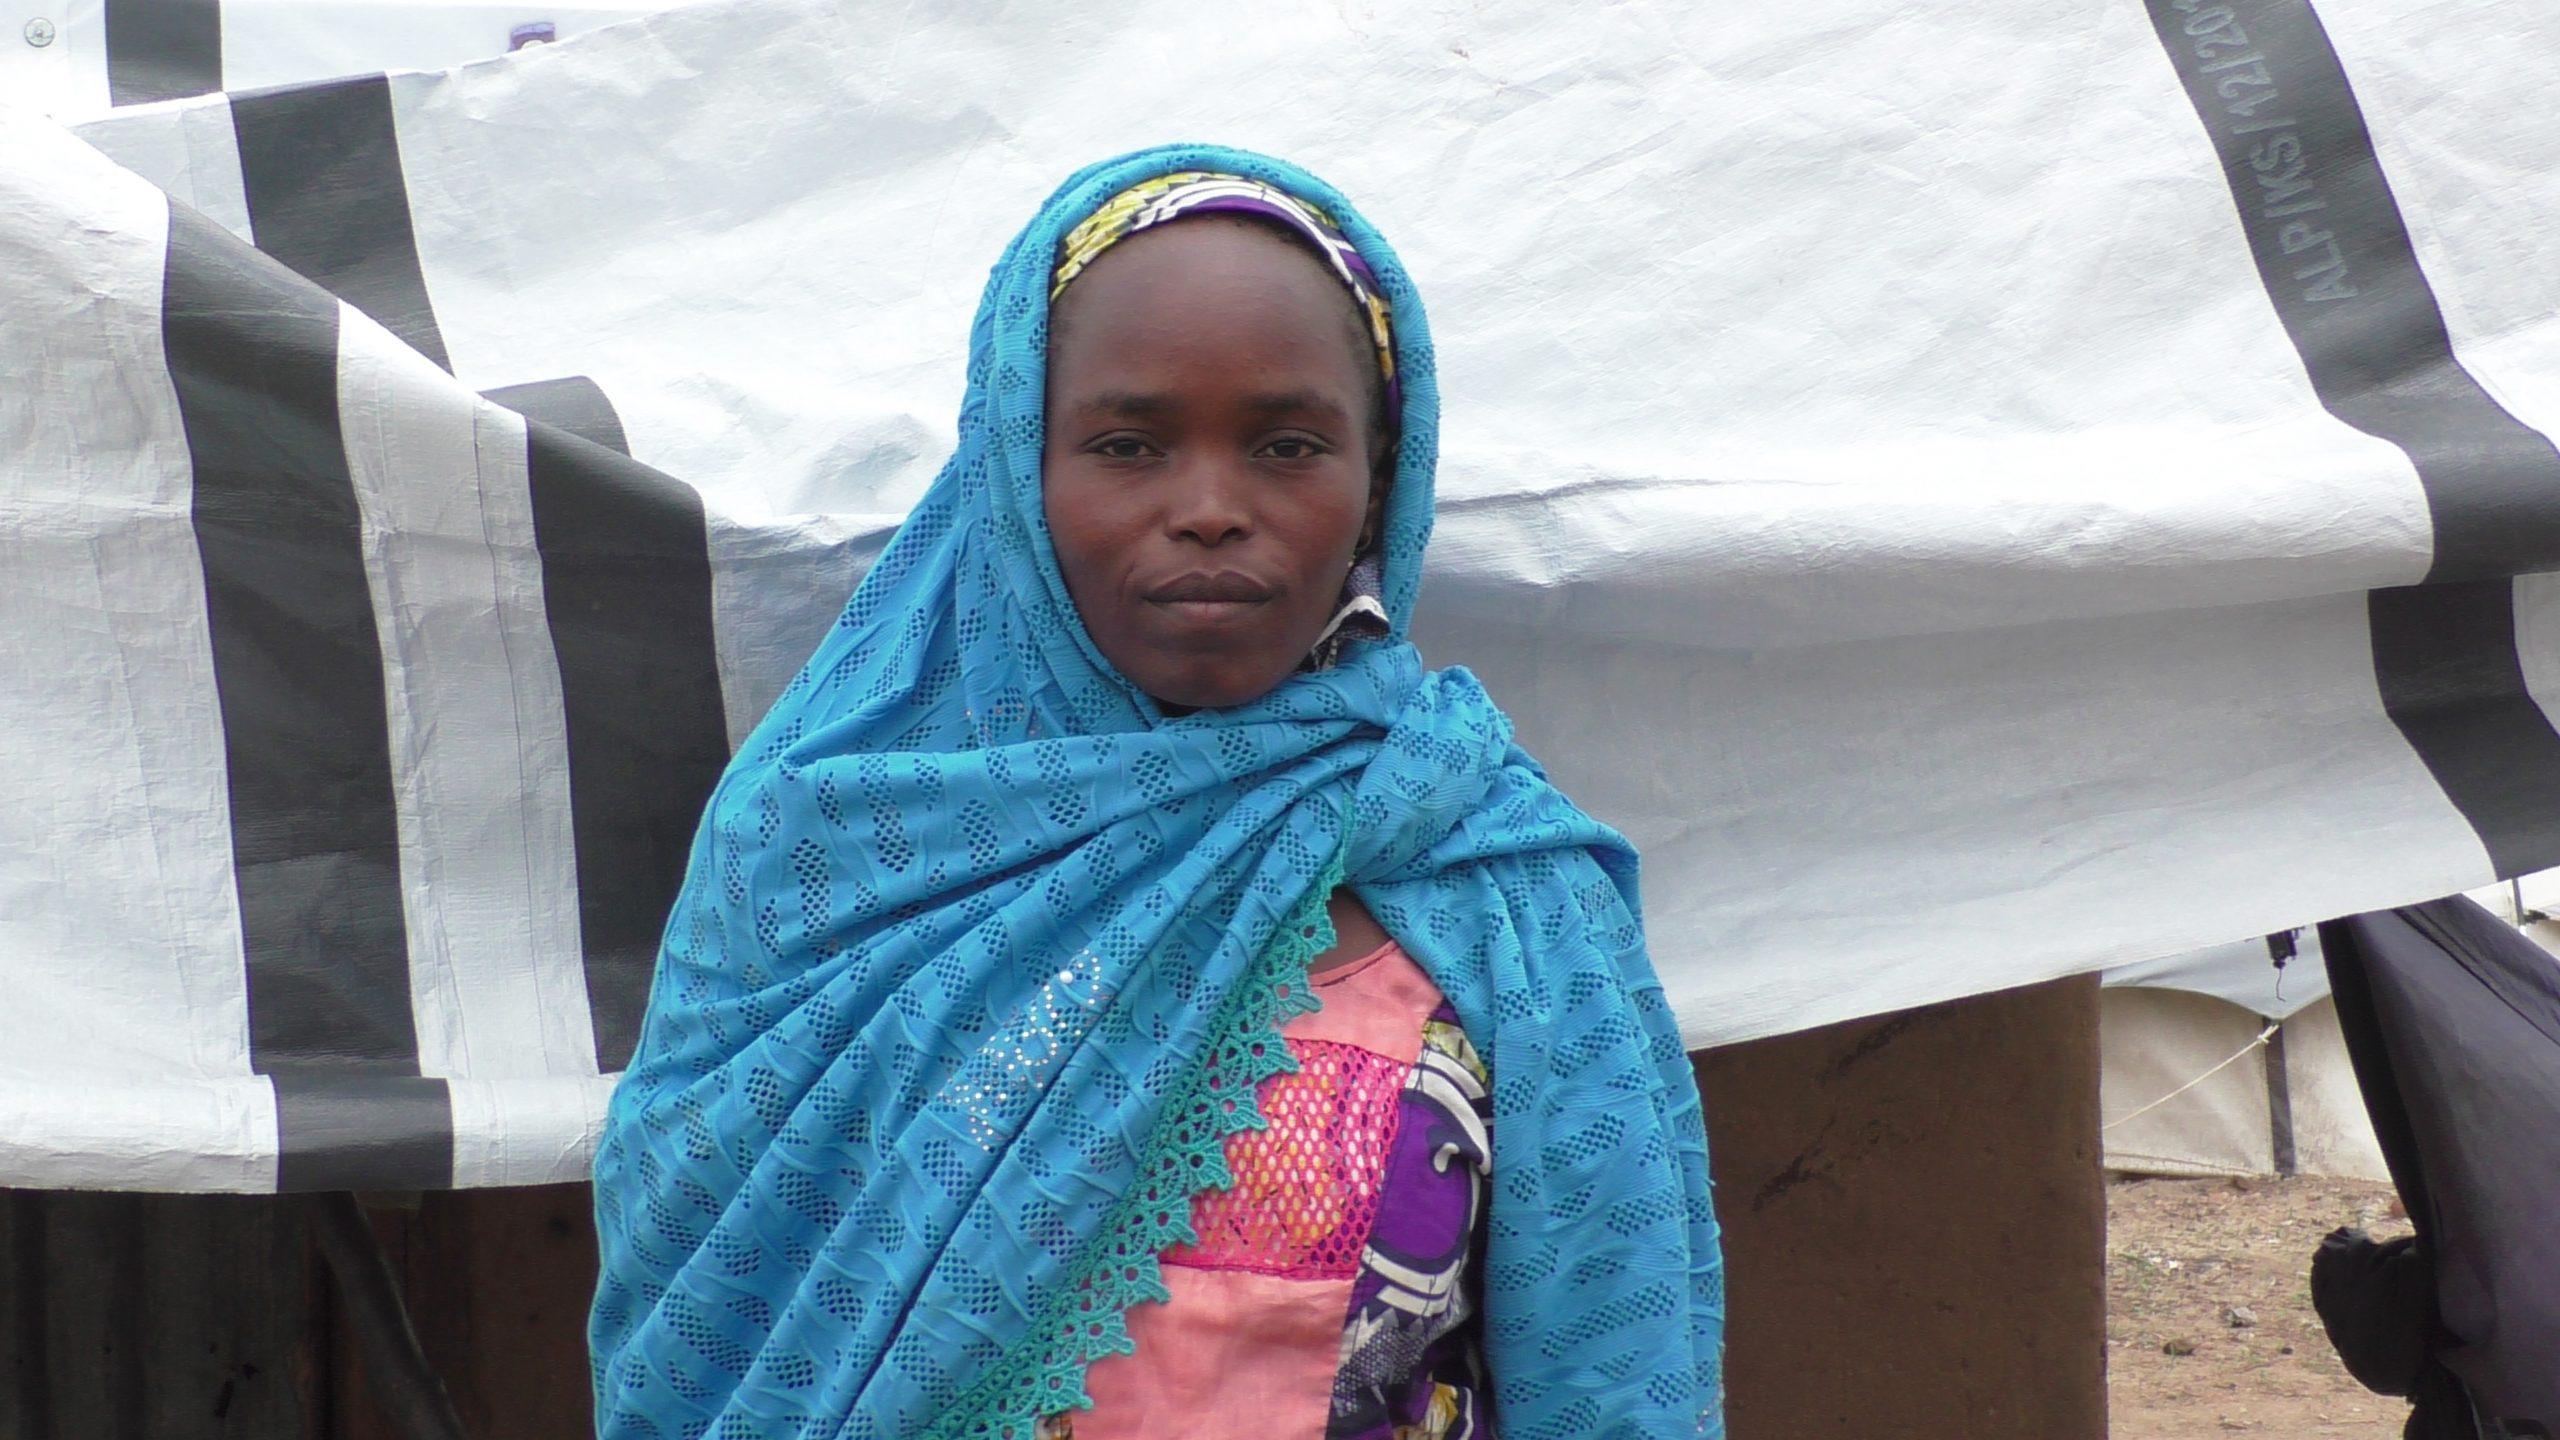 Fatimas Flüchtlingsgeschichte